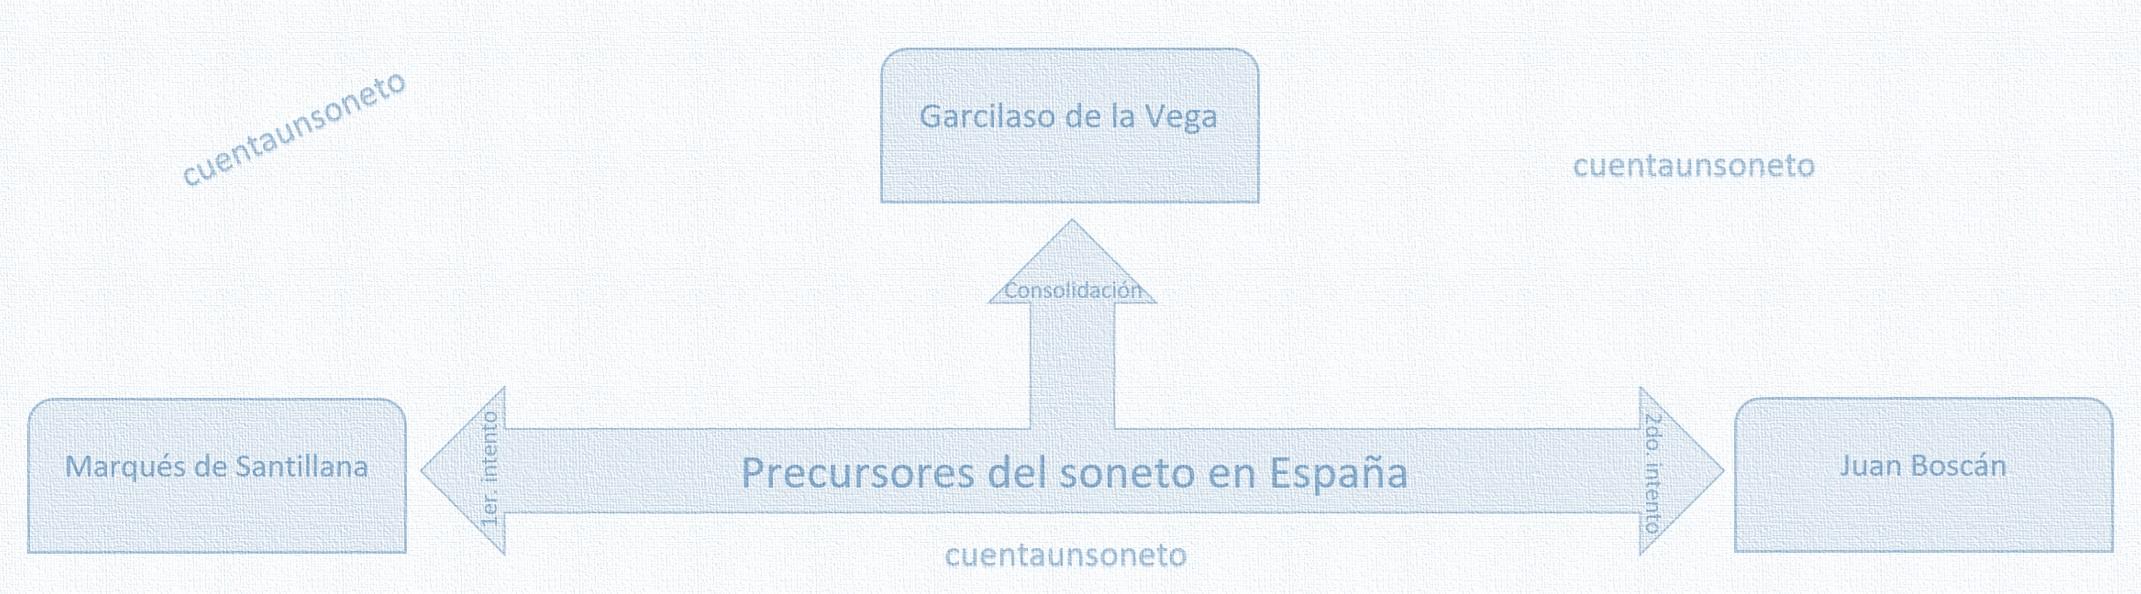 Sonetistas en España. Garcilaso de la Vega y Juan Boscán y el Marqués de Santillana. El soneto. Soneto en España.